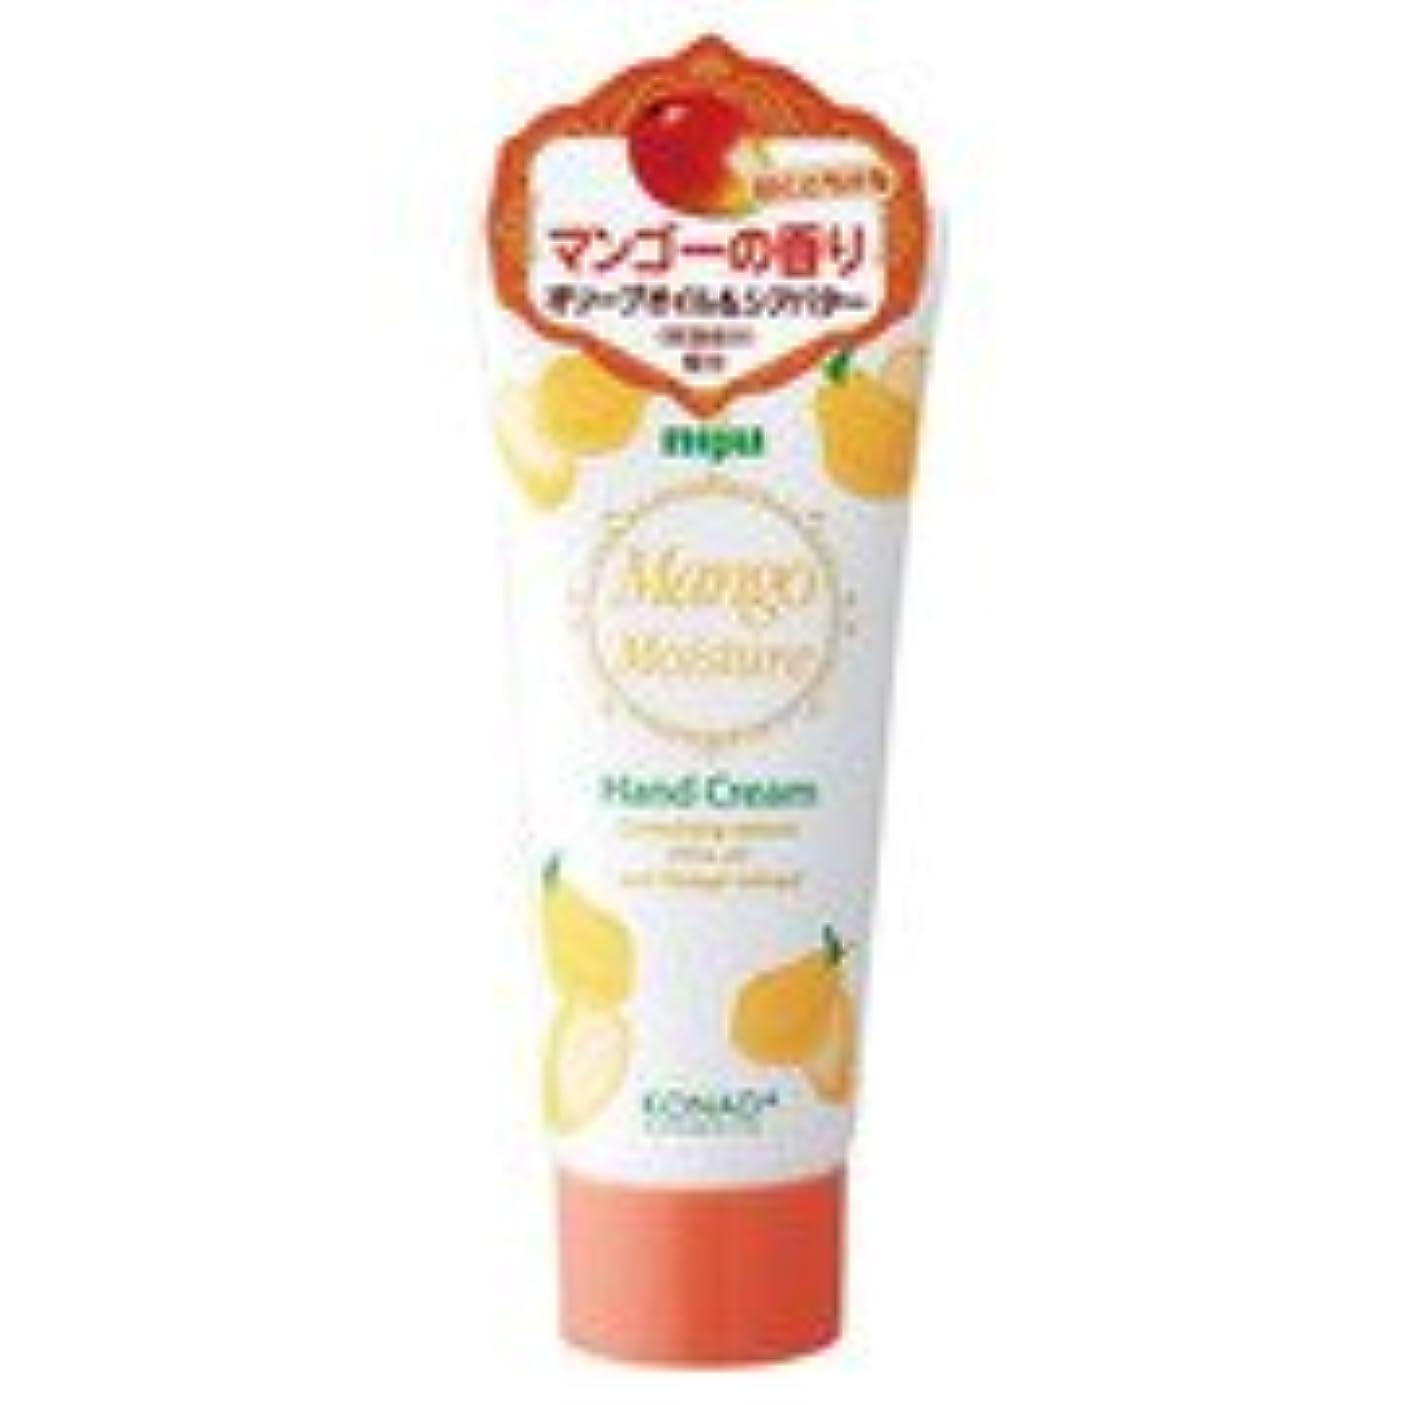 レーザモチーフ無秩序niju(ニジュウ) モイスチャーハンドクリーム マンゴーの香り 60ml